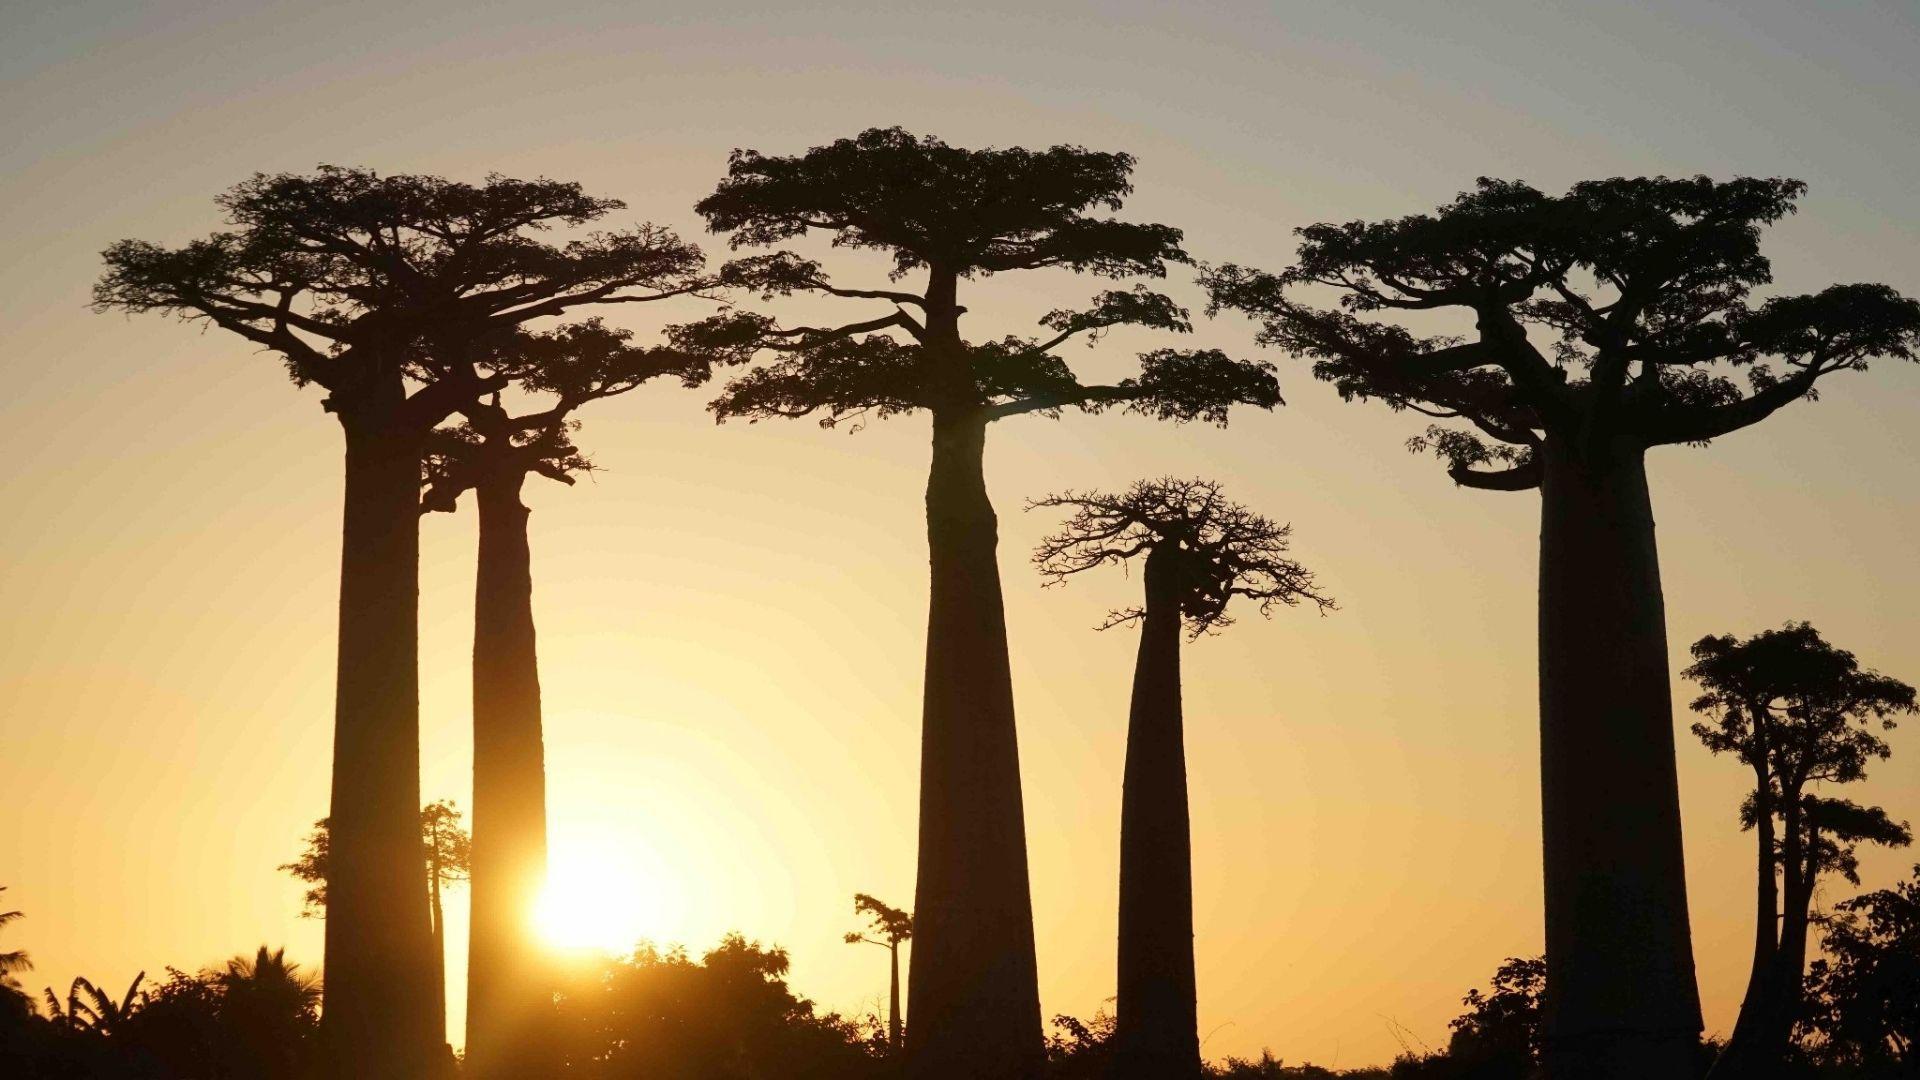 非洲 马达加斯加 穆龙达瓦 猴面包树大道